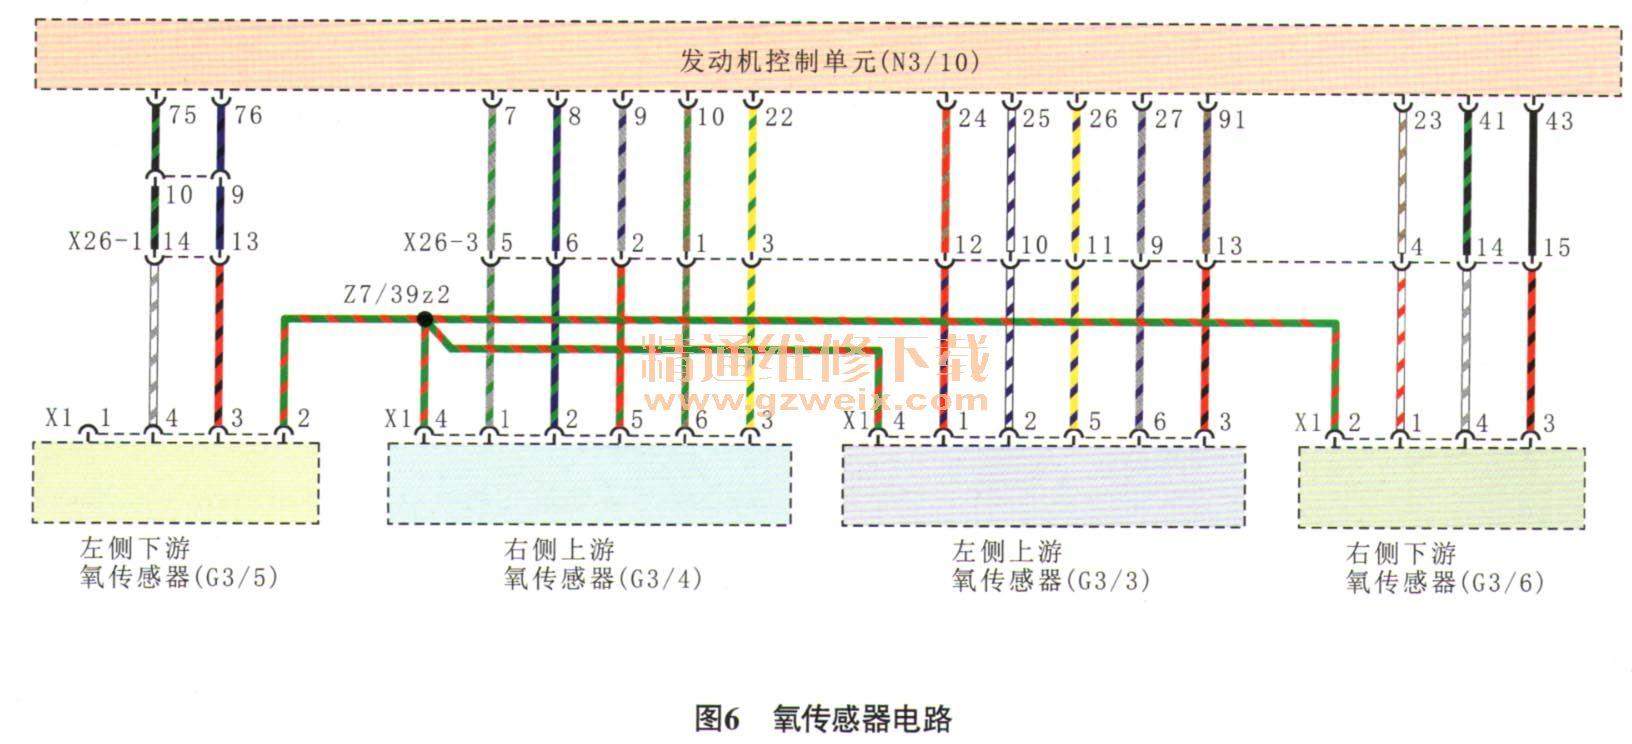 从电路图中可以看出,4个氧传感器共用了87供电(节点z7/39z2),氧传感器